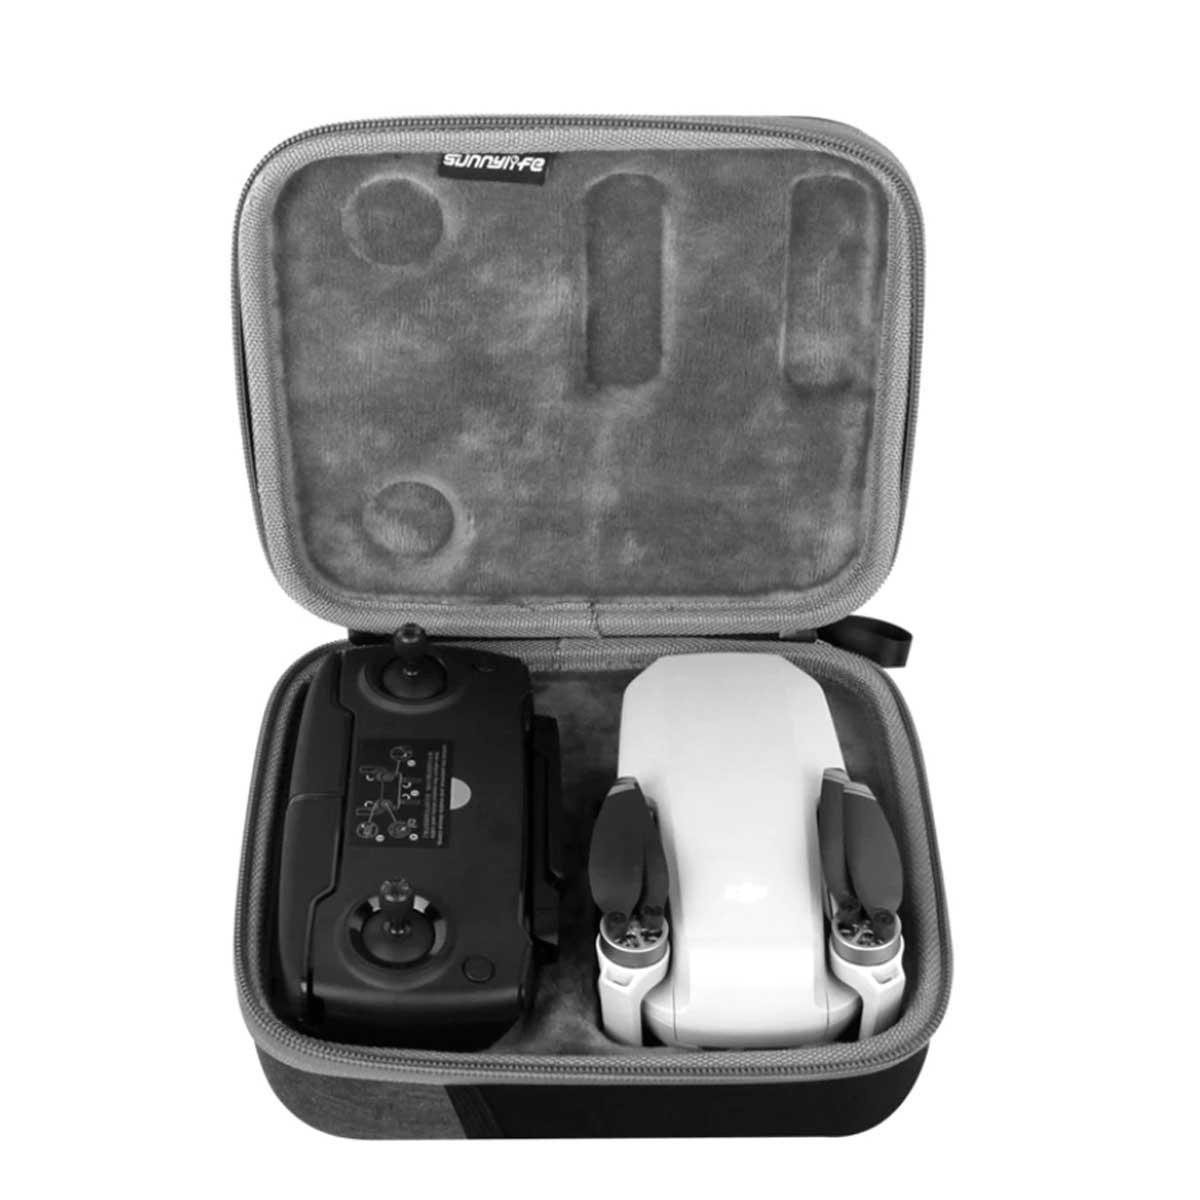 Case de Transporte e Proteção para o Drone e Controle Remoto - DJI Mavic Mini